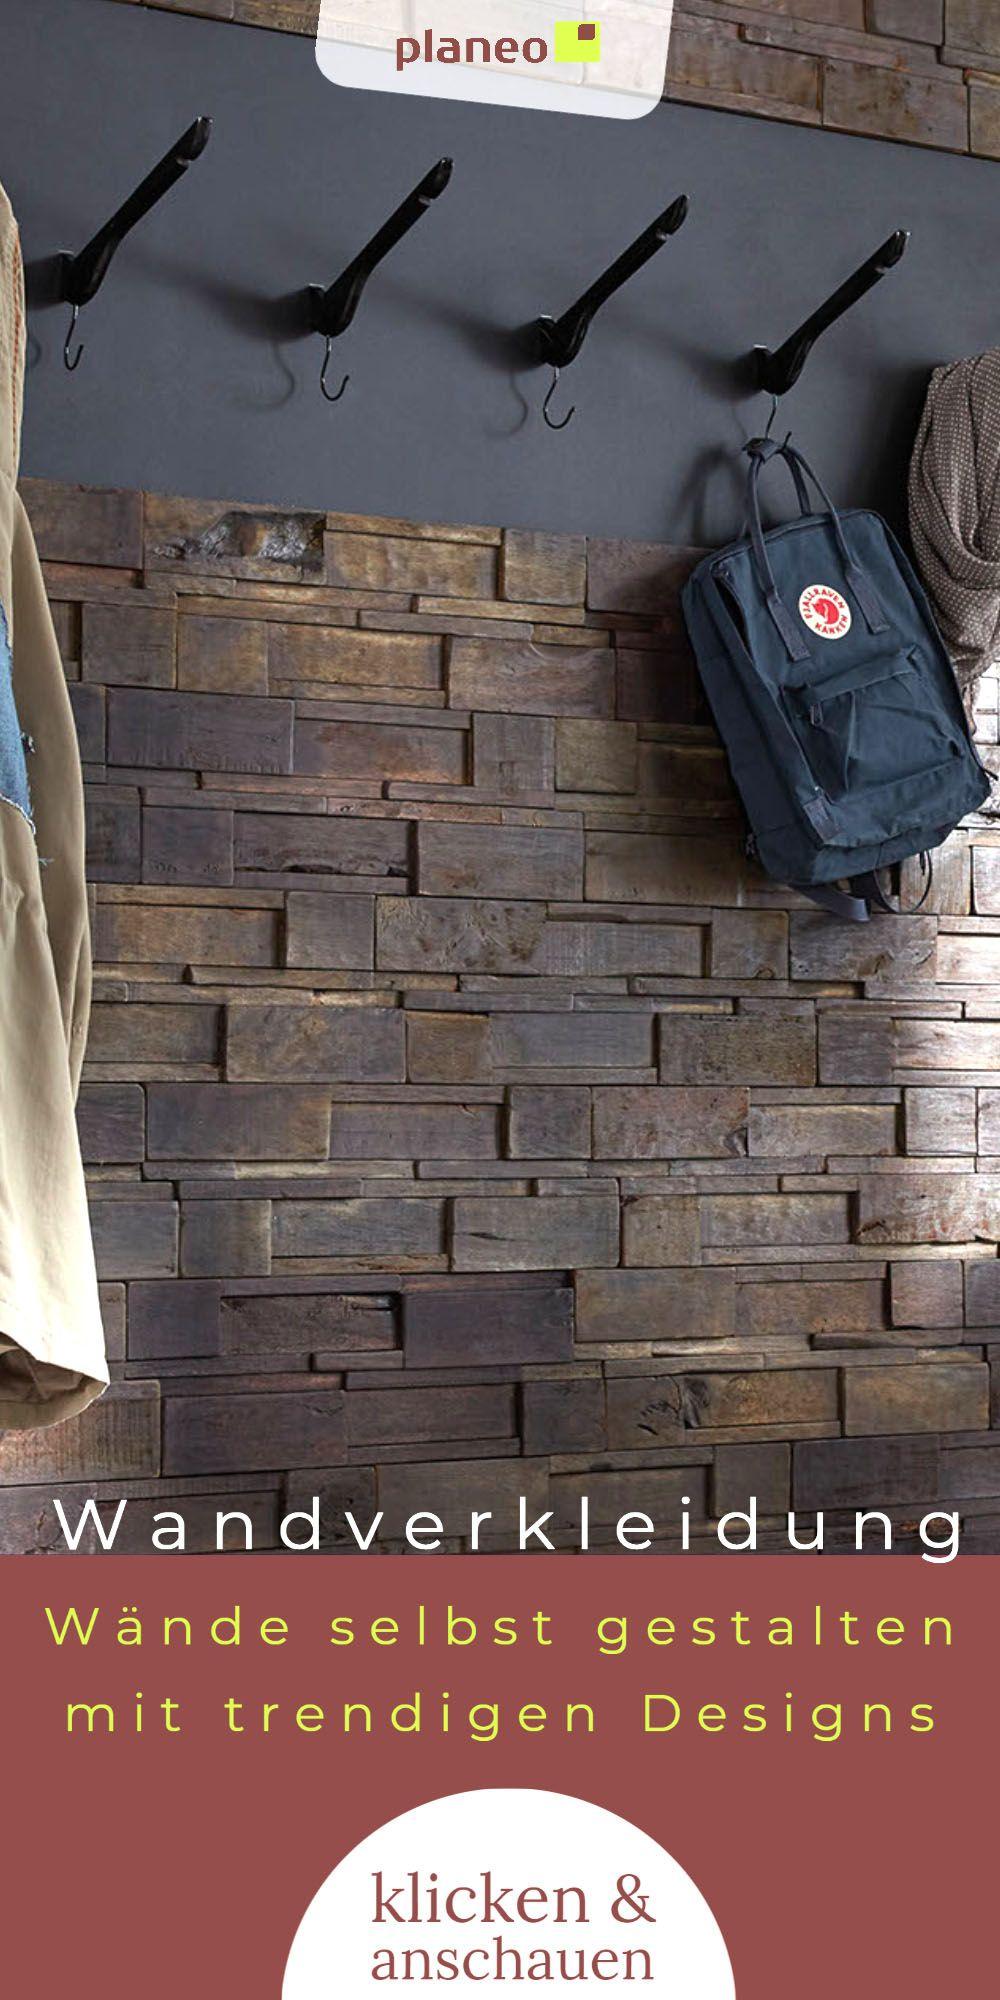 Wandverkleidung Wandgestaltung Aus Holz Altholz Kunststoff Fur Wohnzimmer Schlafzimmer U V M In 2020 Wandpaneele Wandverkleidung Wandgestaltung